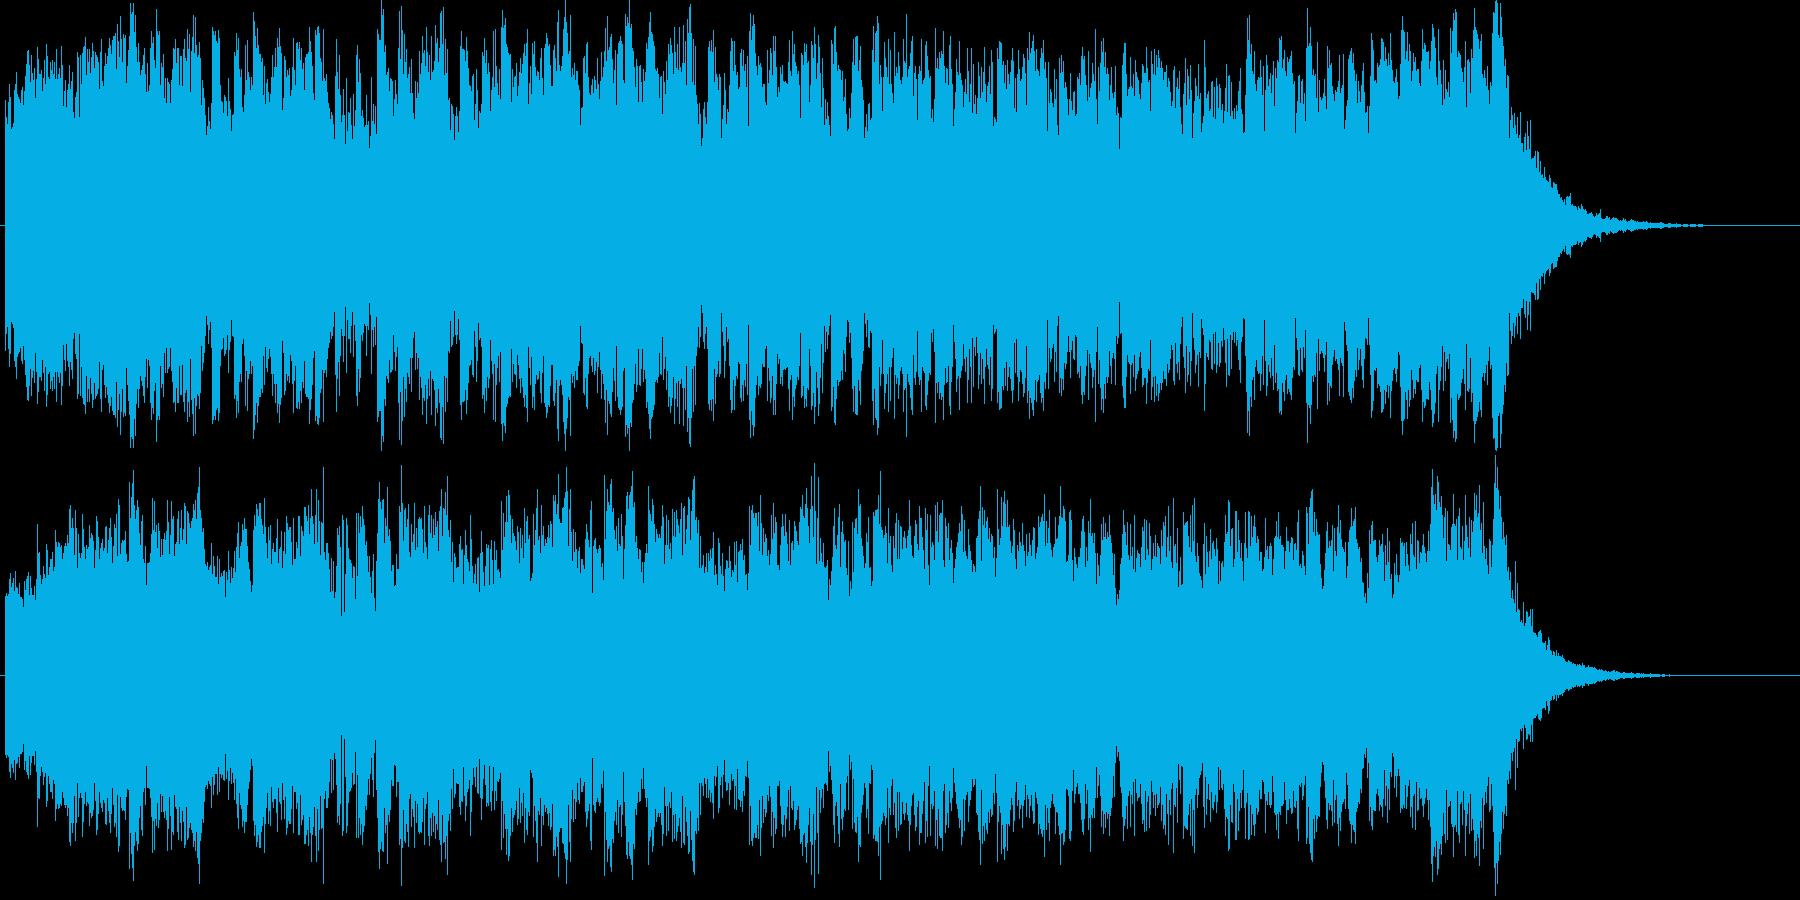 壮大で迫力あるフルオーケストラジングルの再生済みの波形